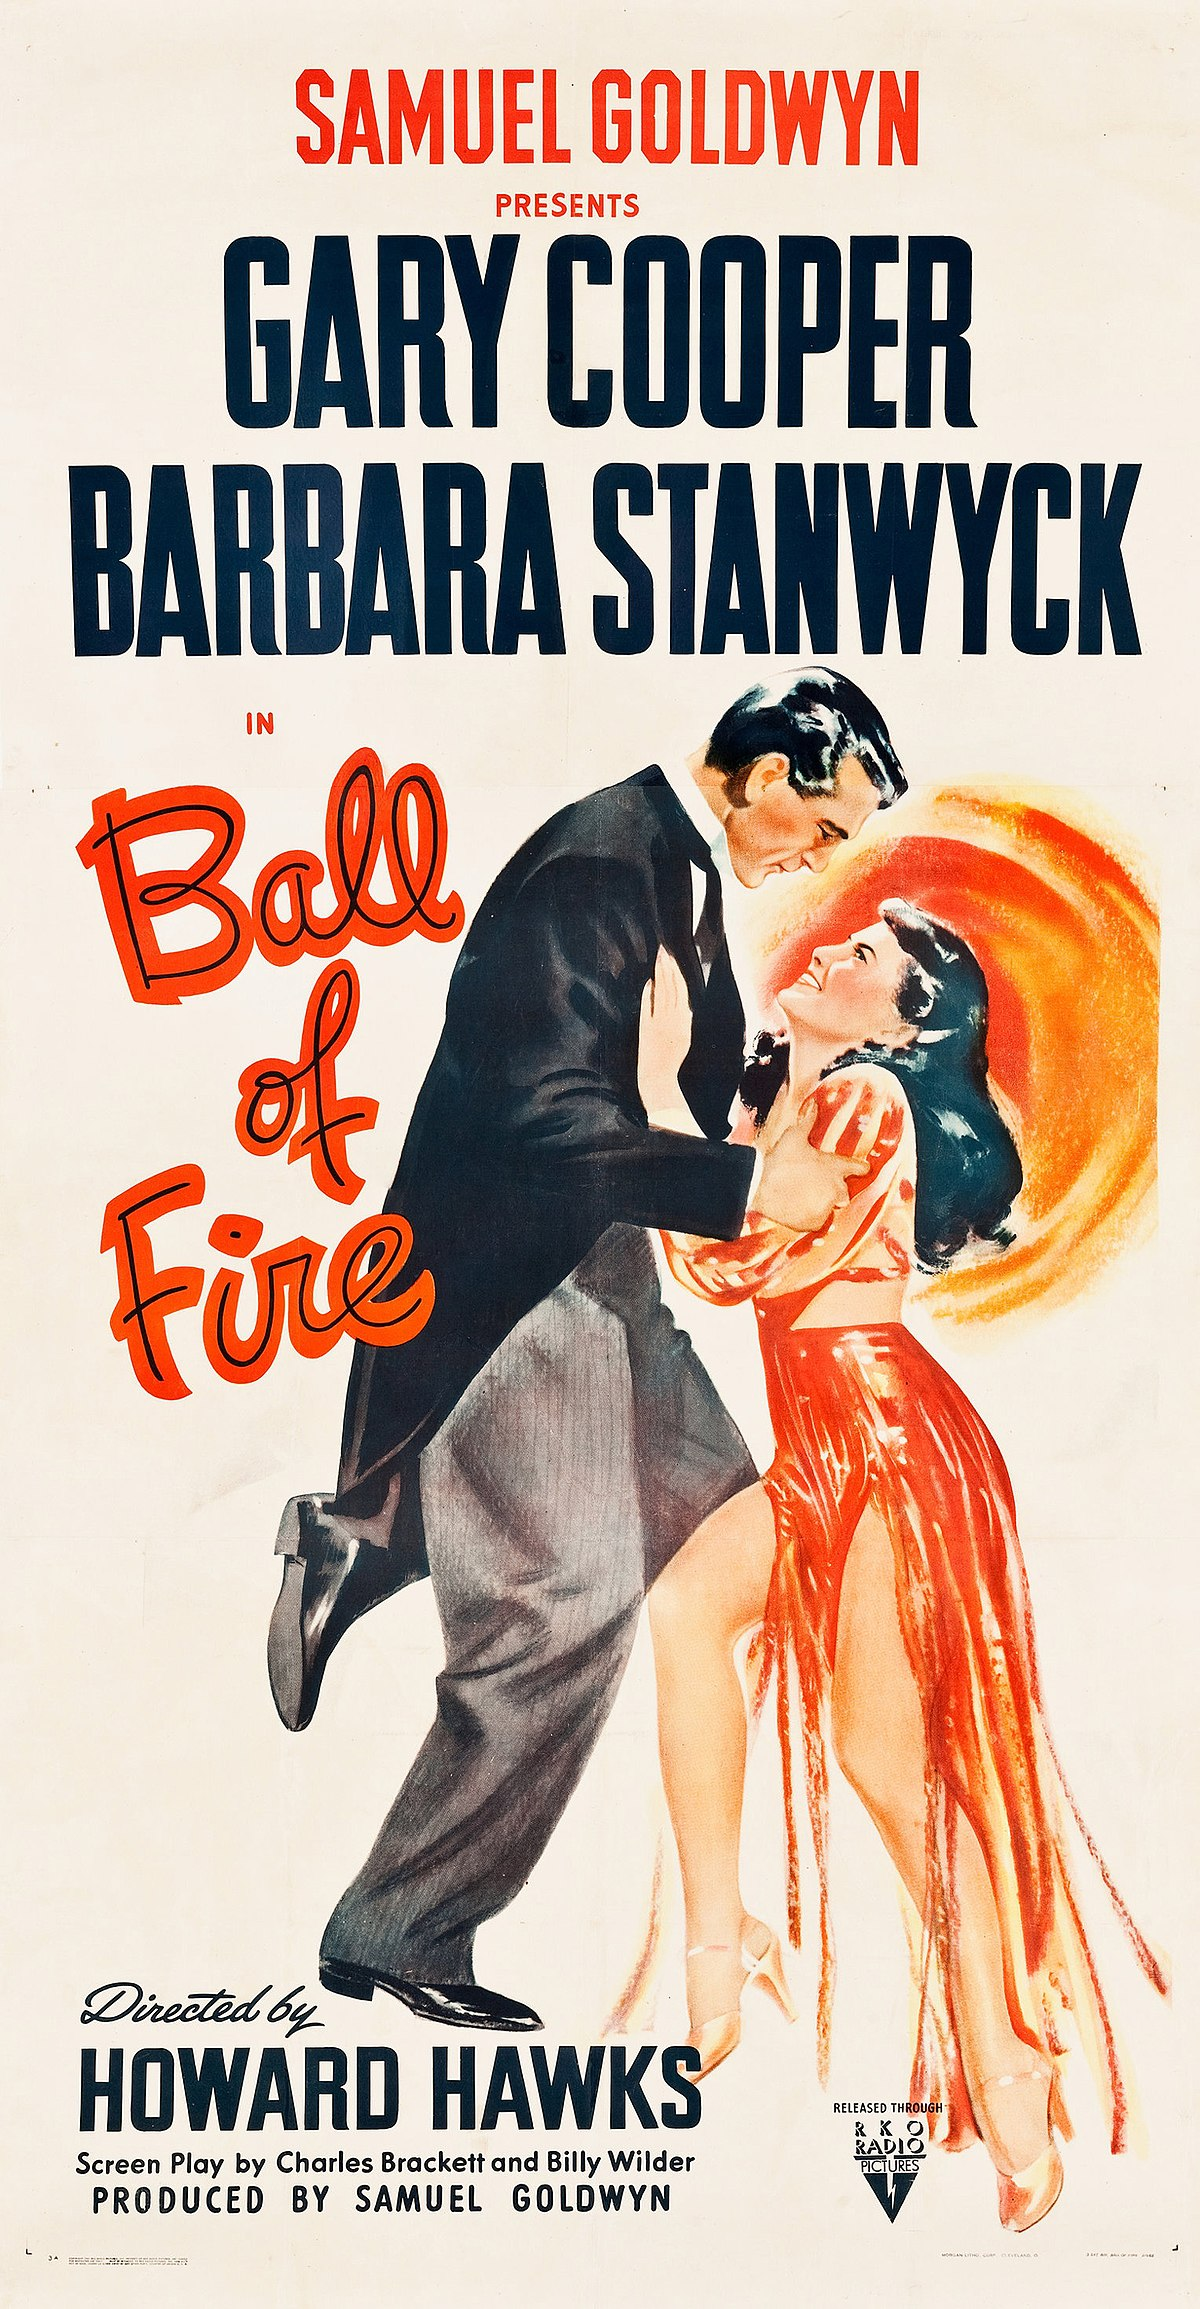 Ball of Fire - Wikipedia